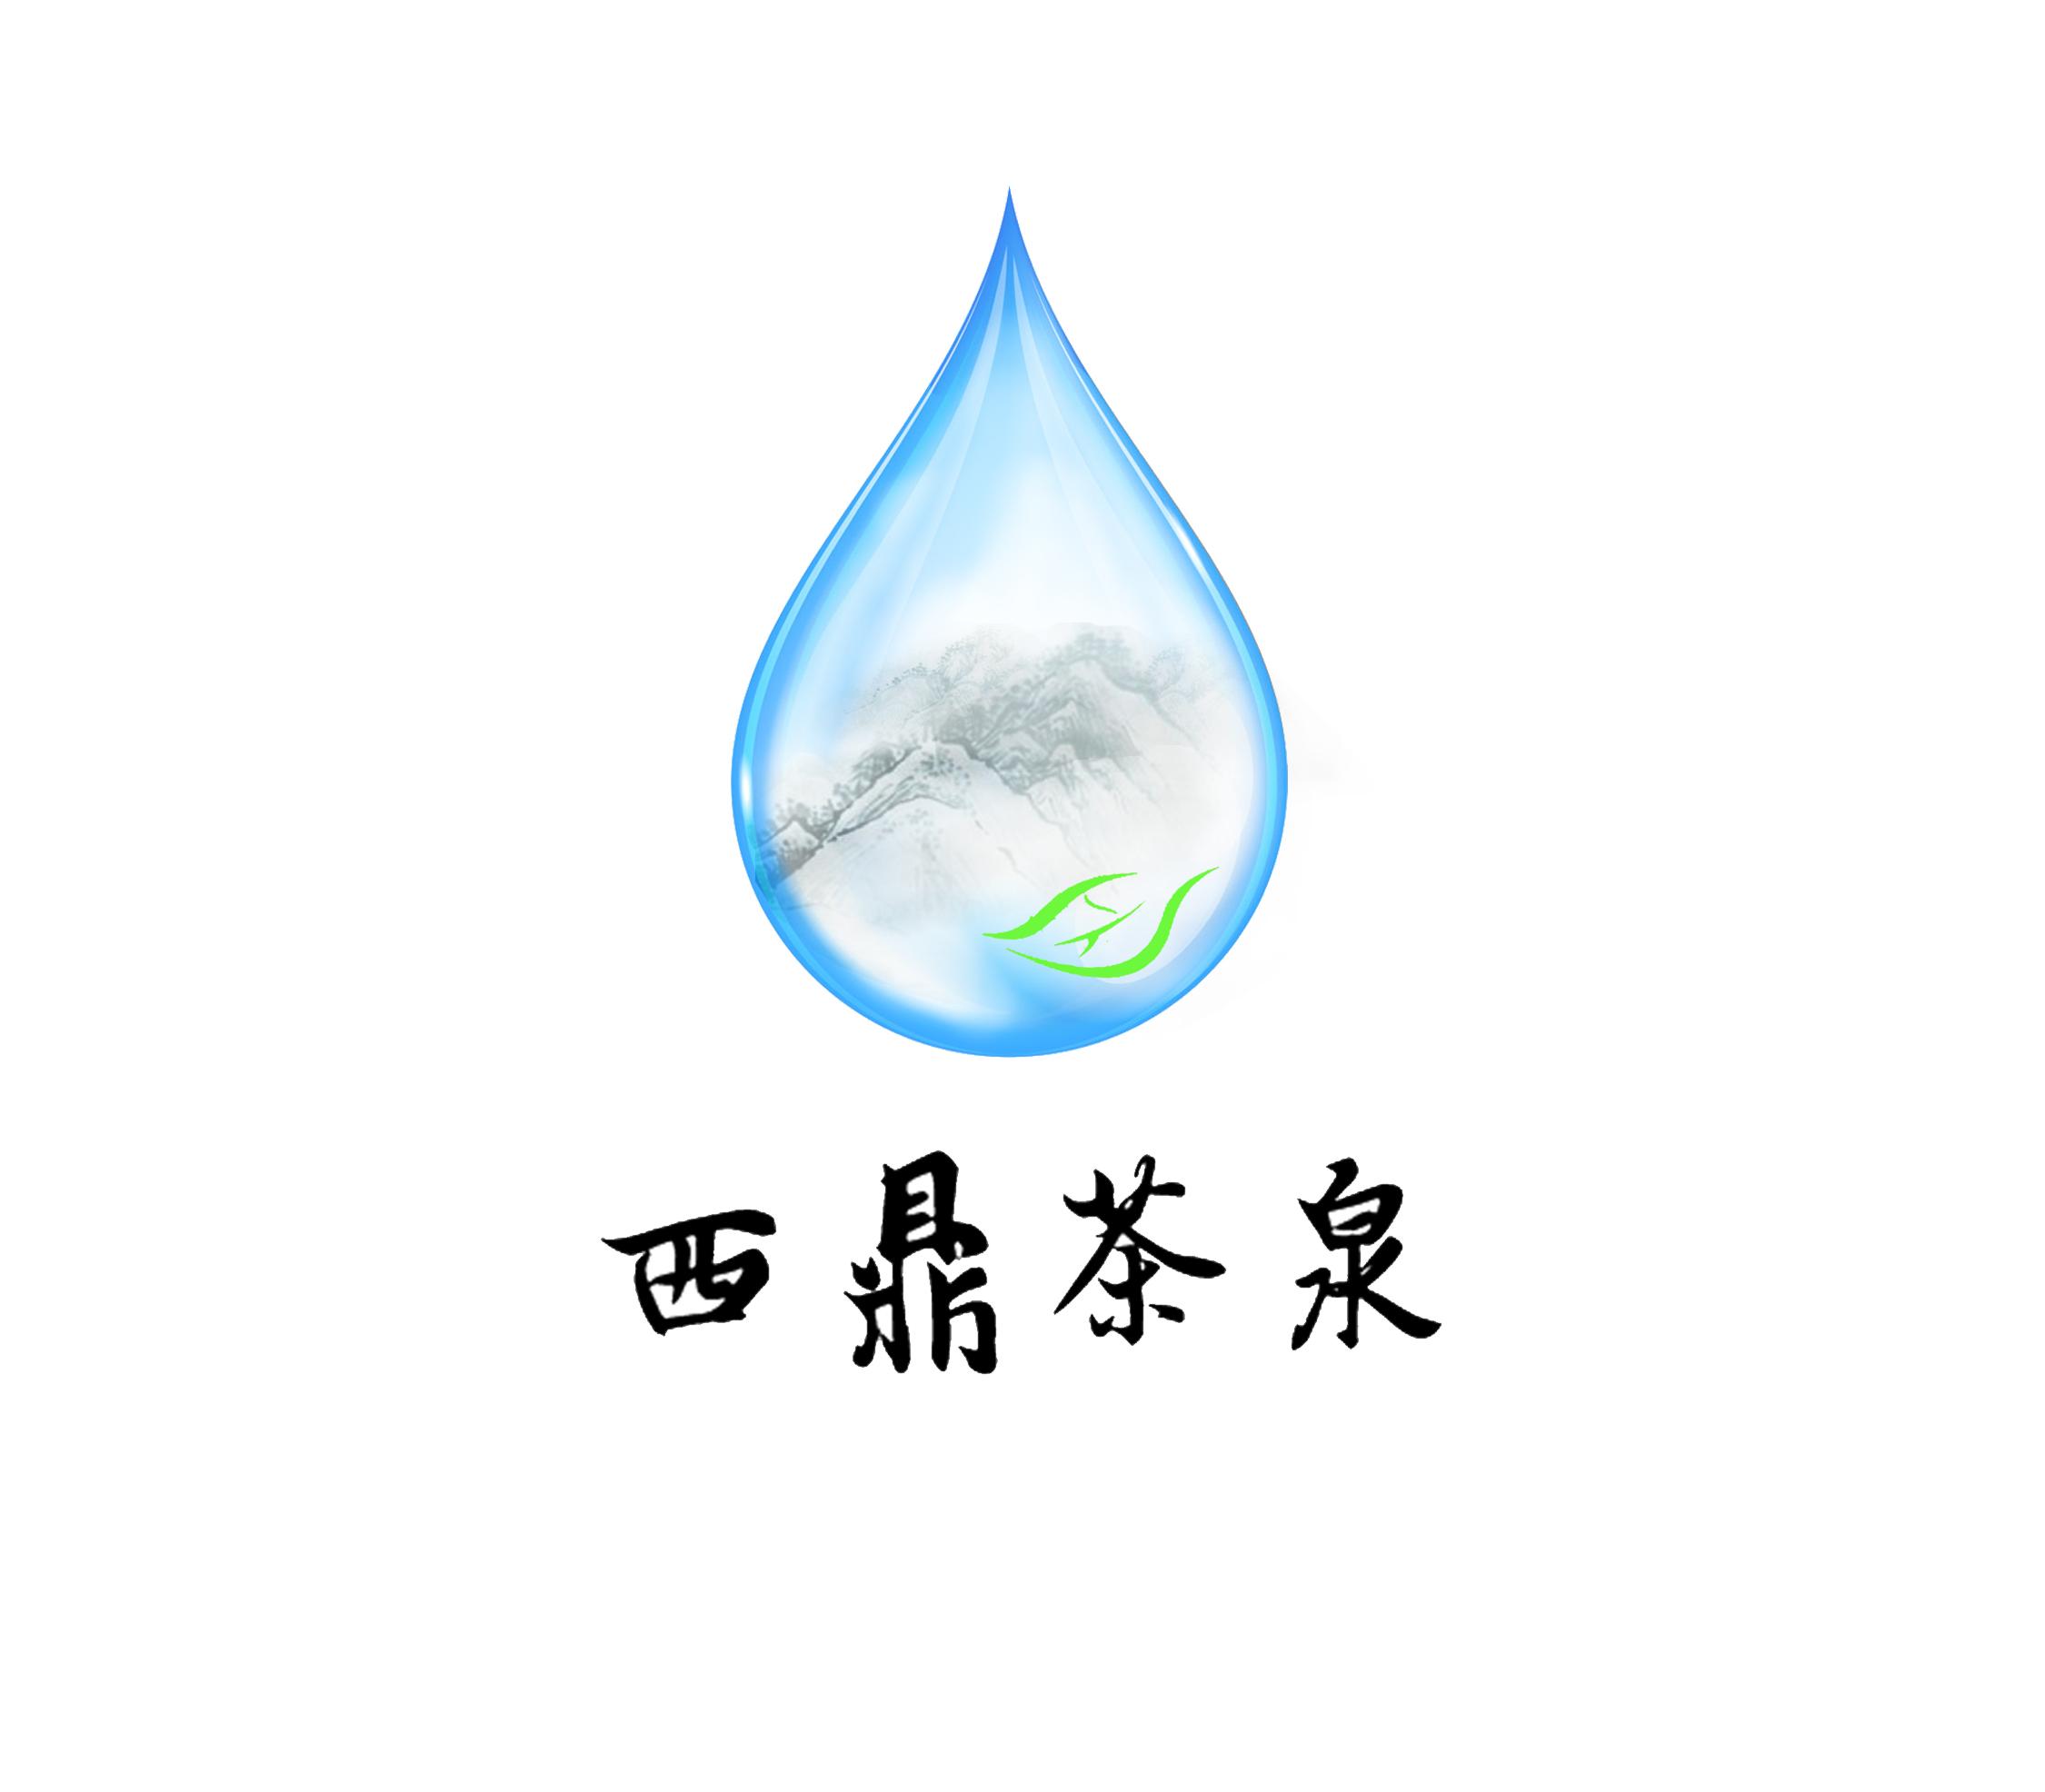 桶装水logo标签,要用原创字体设计(急)